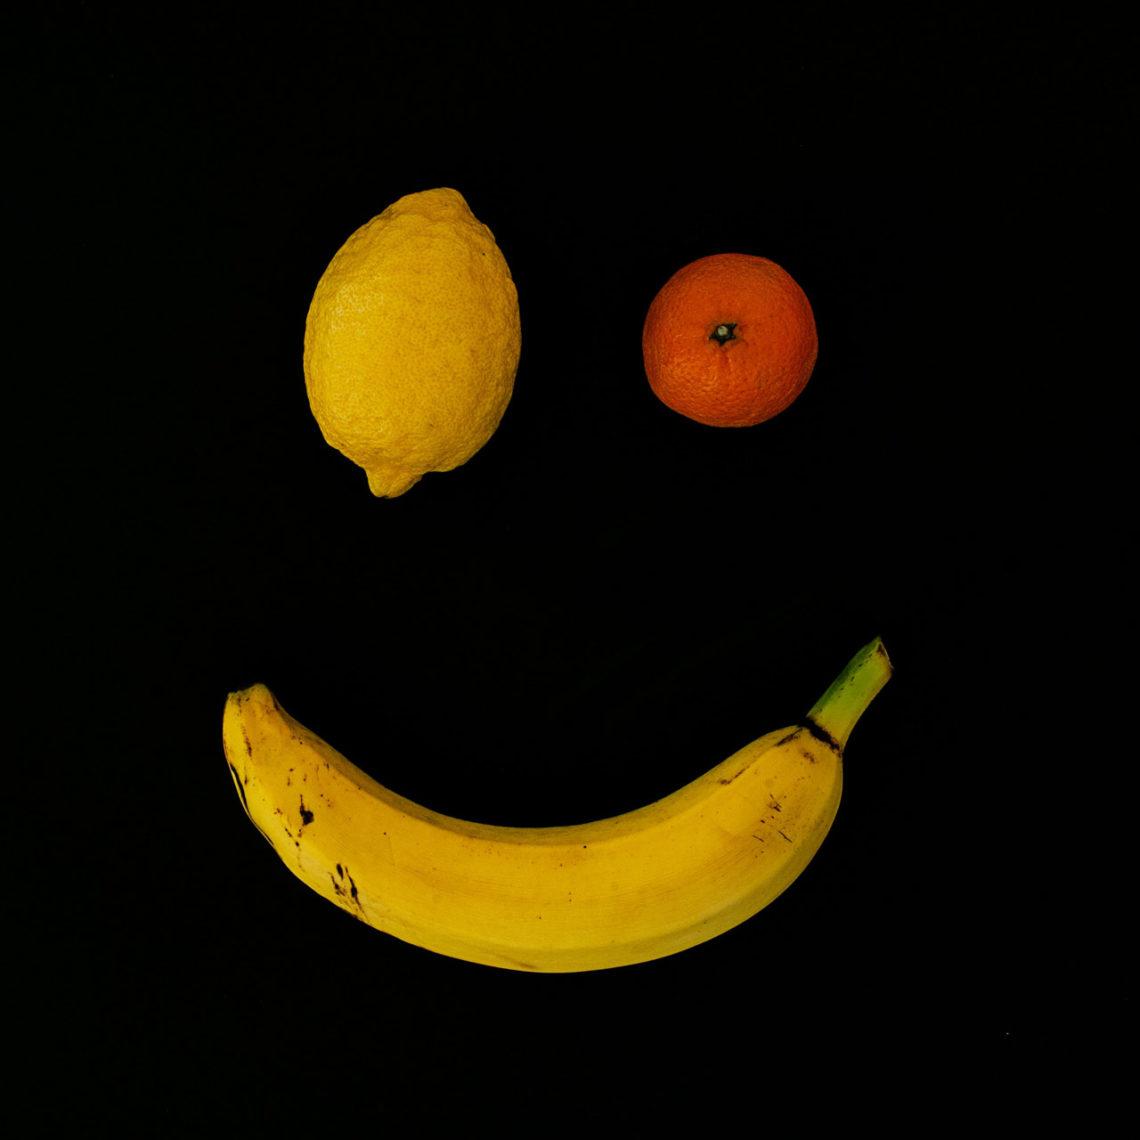 Des foulards issus d'agrumes, aux sacs en fibres de feuilles de bananier, en passant par des souliers en non tissé à base d'ananas, les start-up rivalisent d'inventivité pour imaginer des matières moins consommatrices d'eau, de pétrole et de ressources non renouvelables et des process industriels moins impactant sur l'environnement - Photo © Blake Weyland.